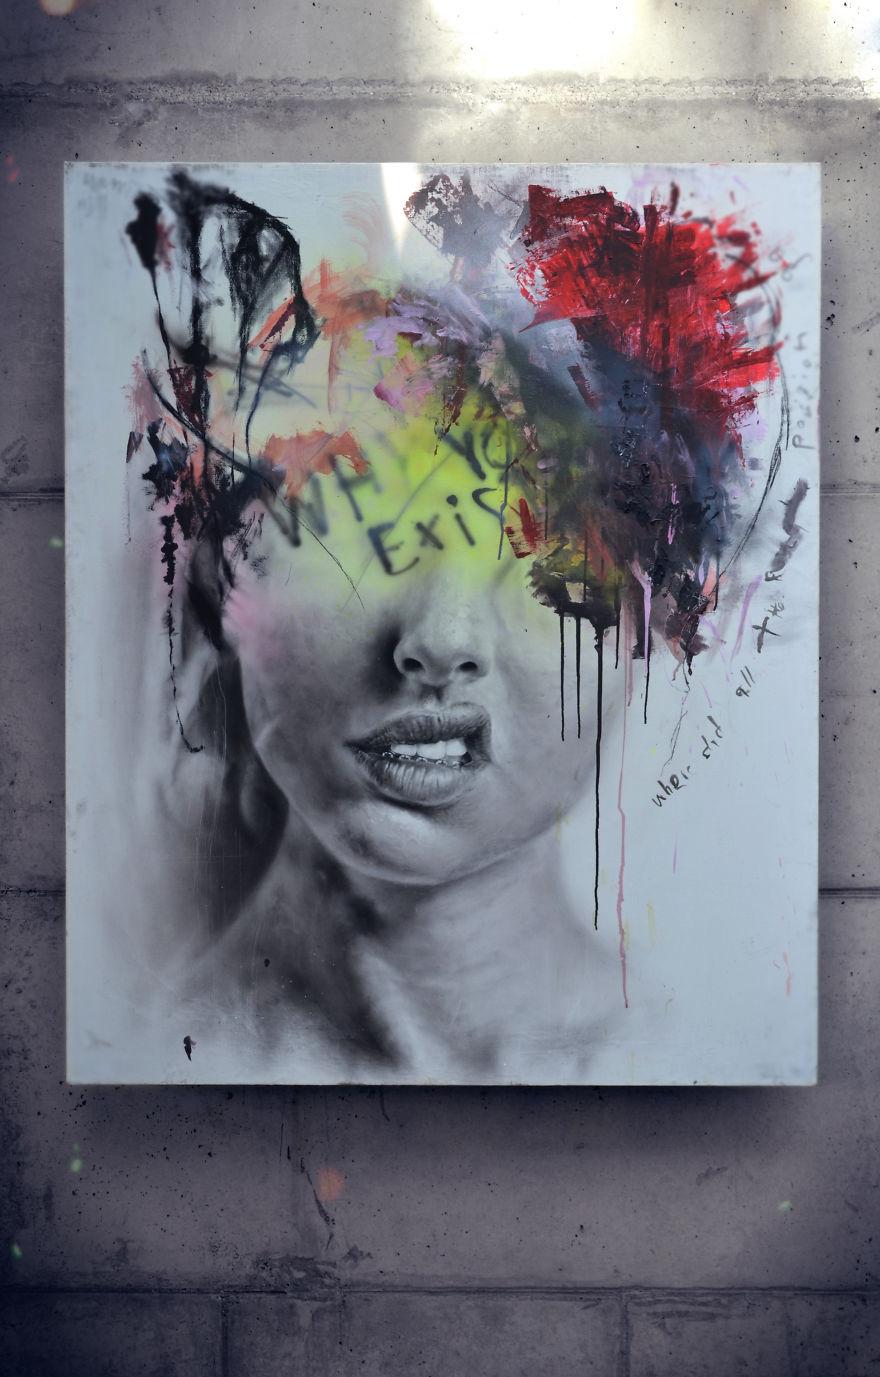 dipinti-esplorano-sofferenza-igor-dobrowolski-01